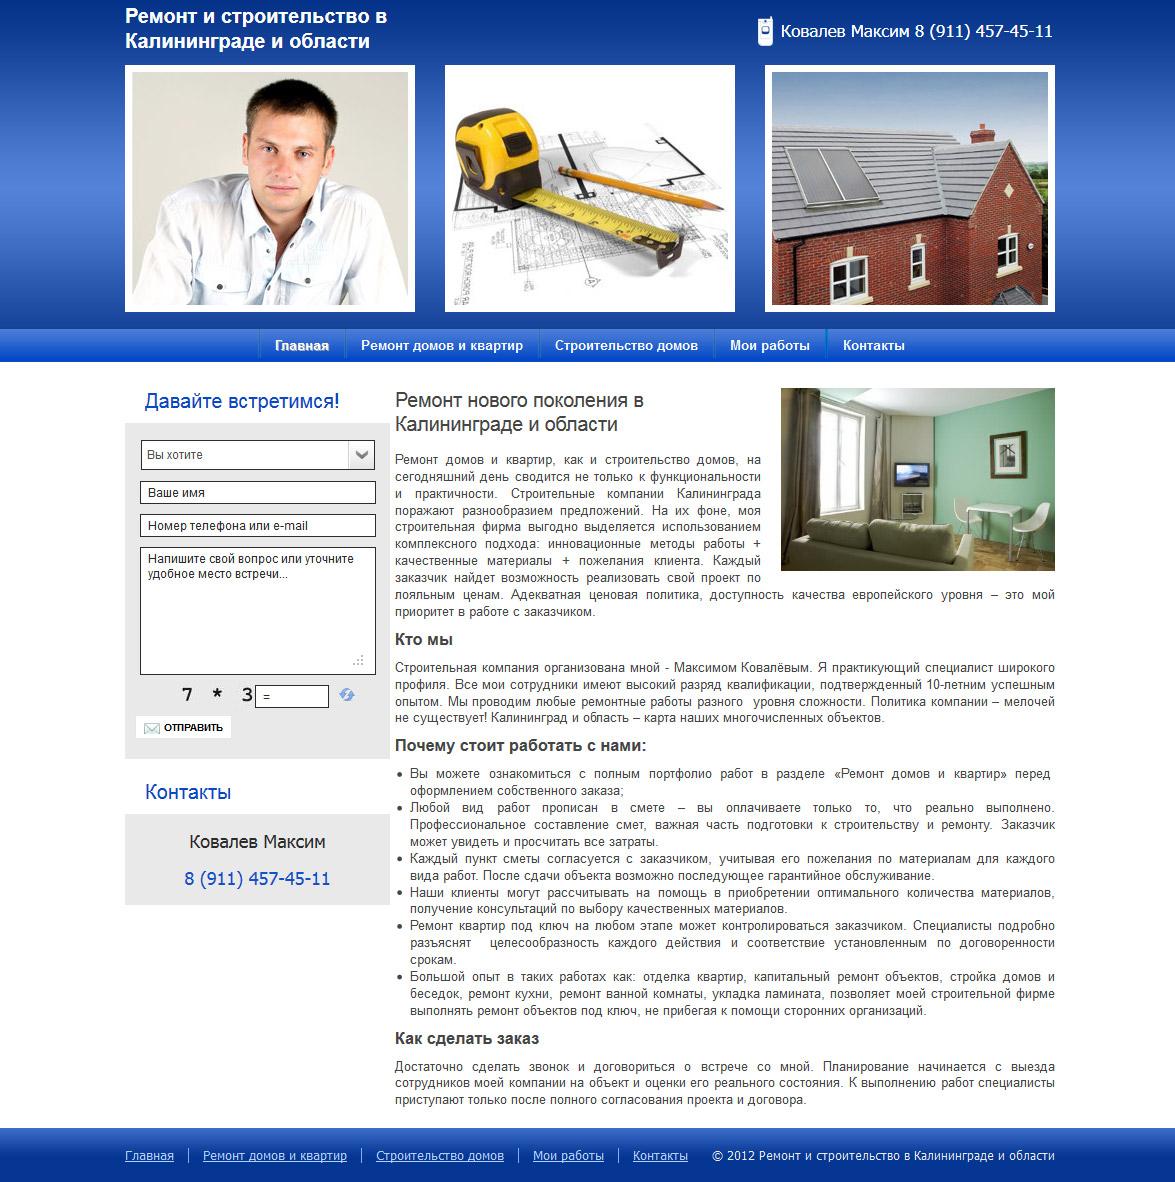 Ремонт и строительство в Калининграде